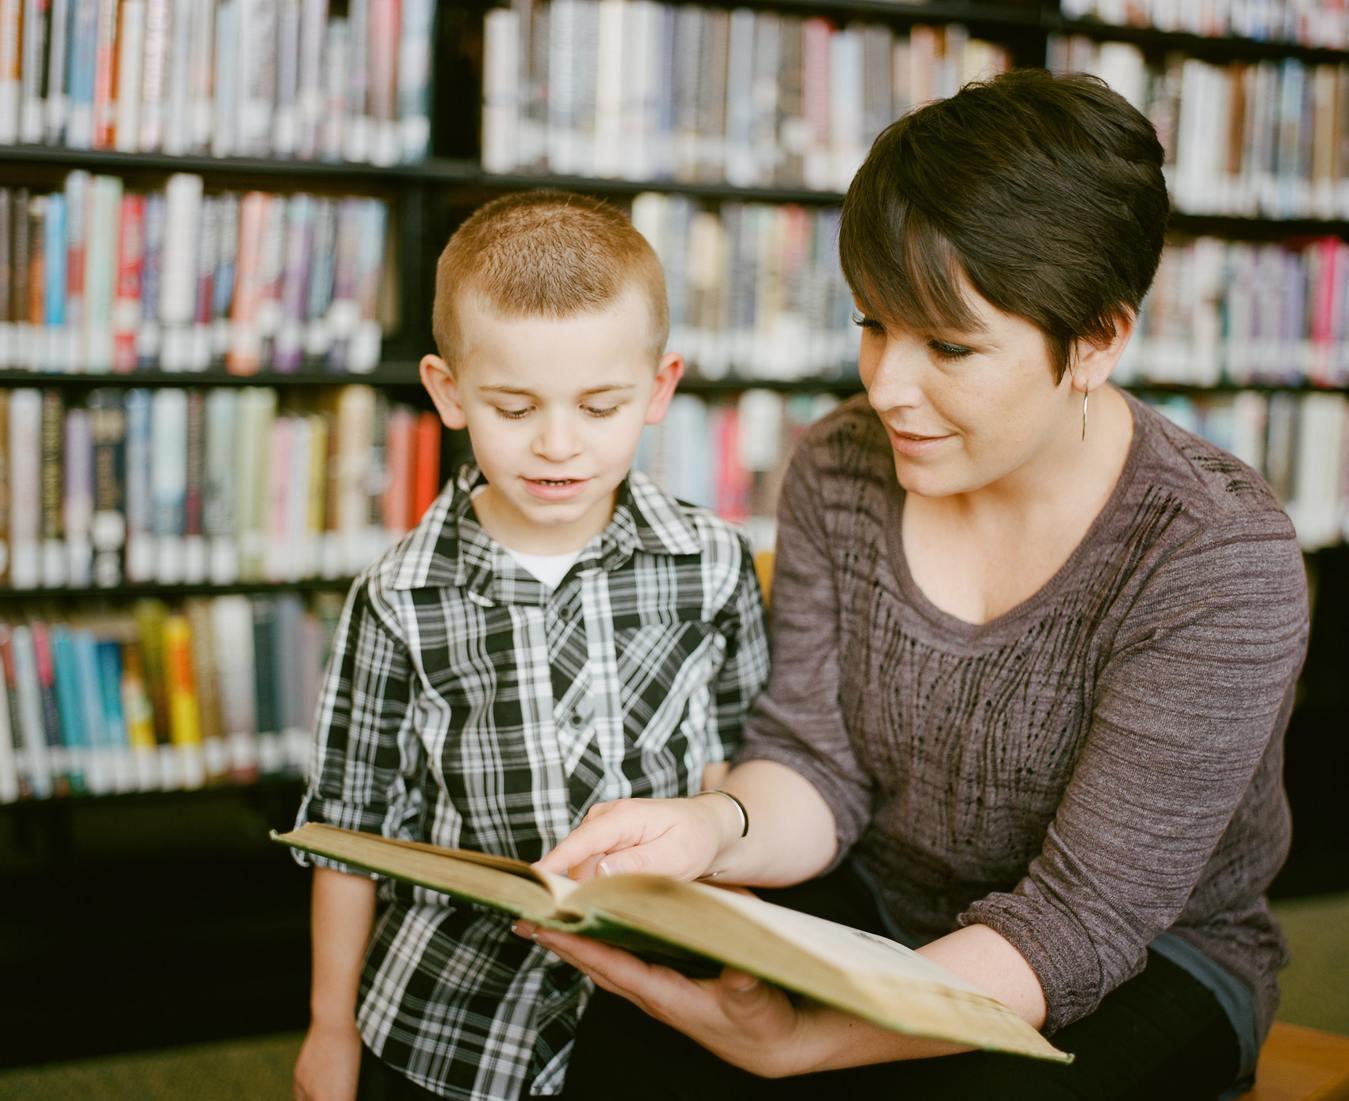 Kobieta z książką w ręku ucząca małe dziecko.